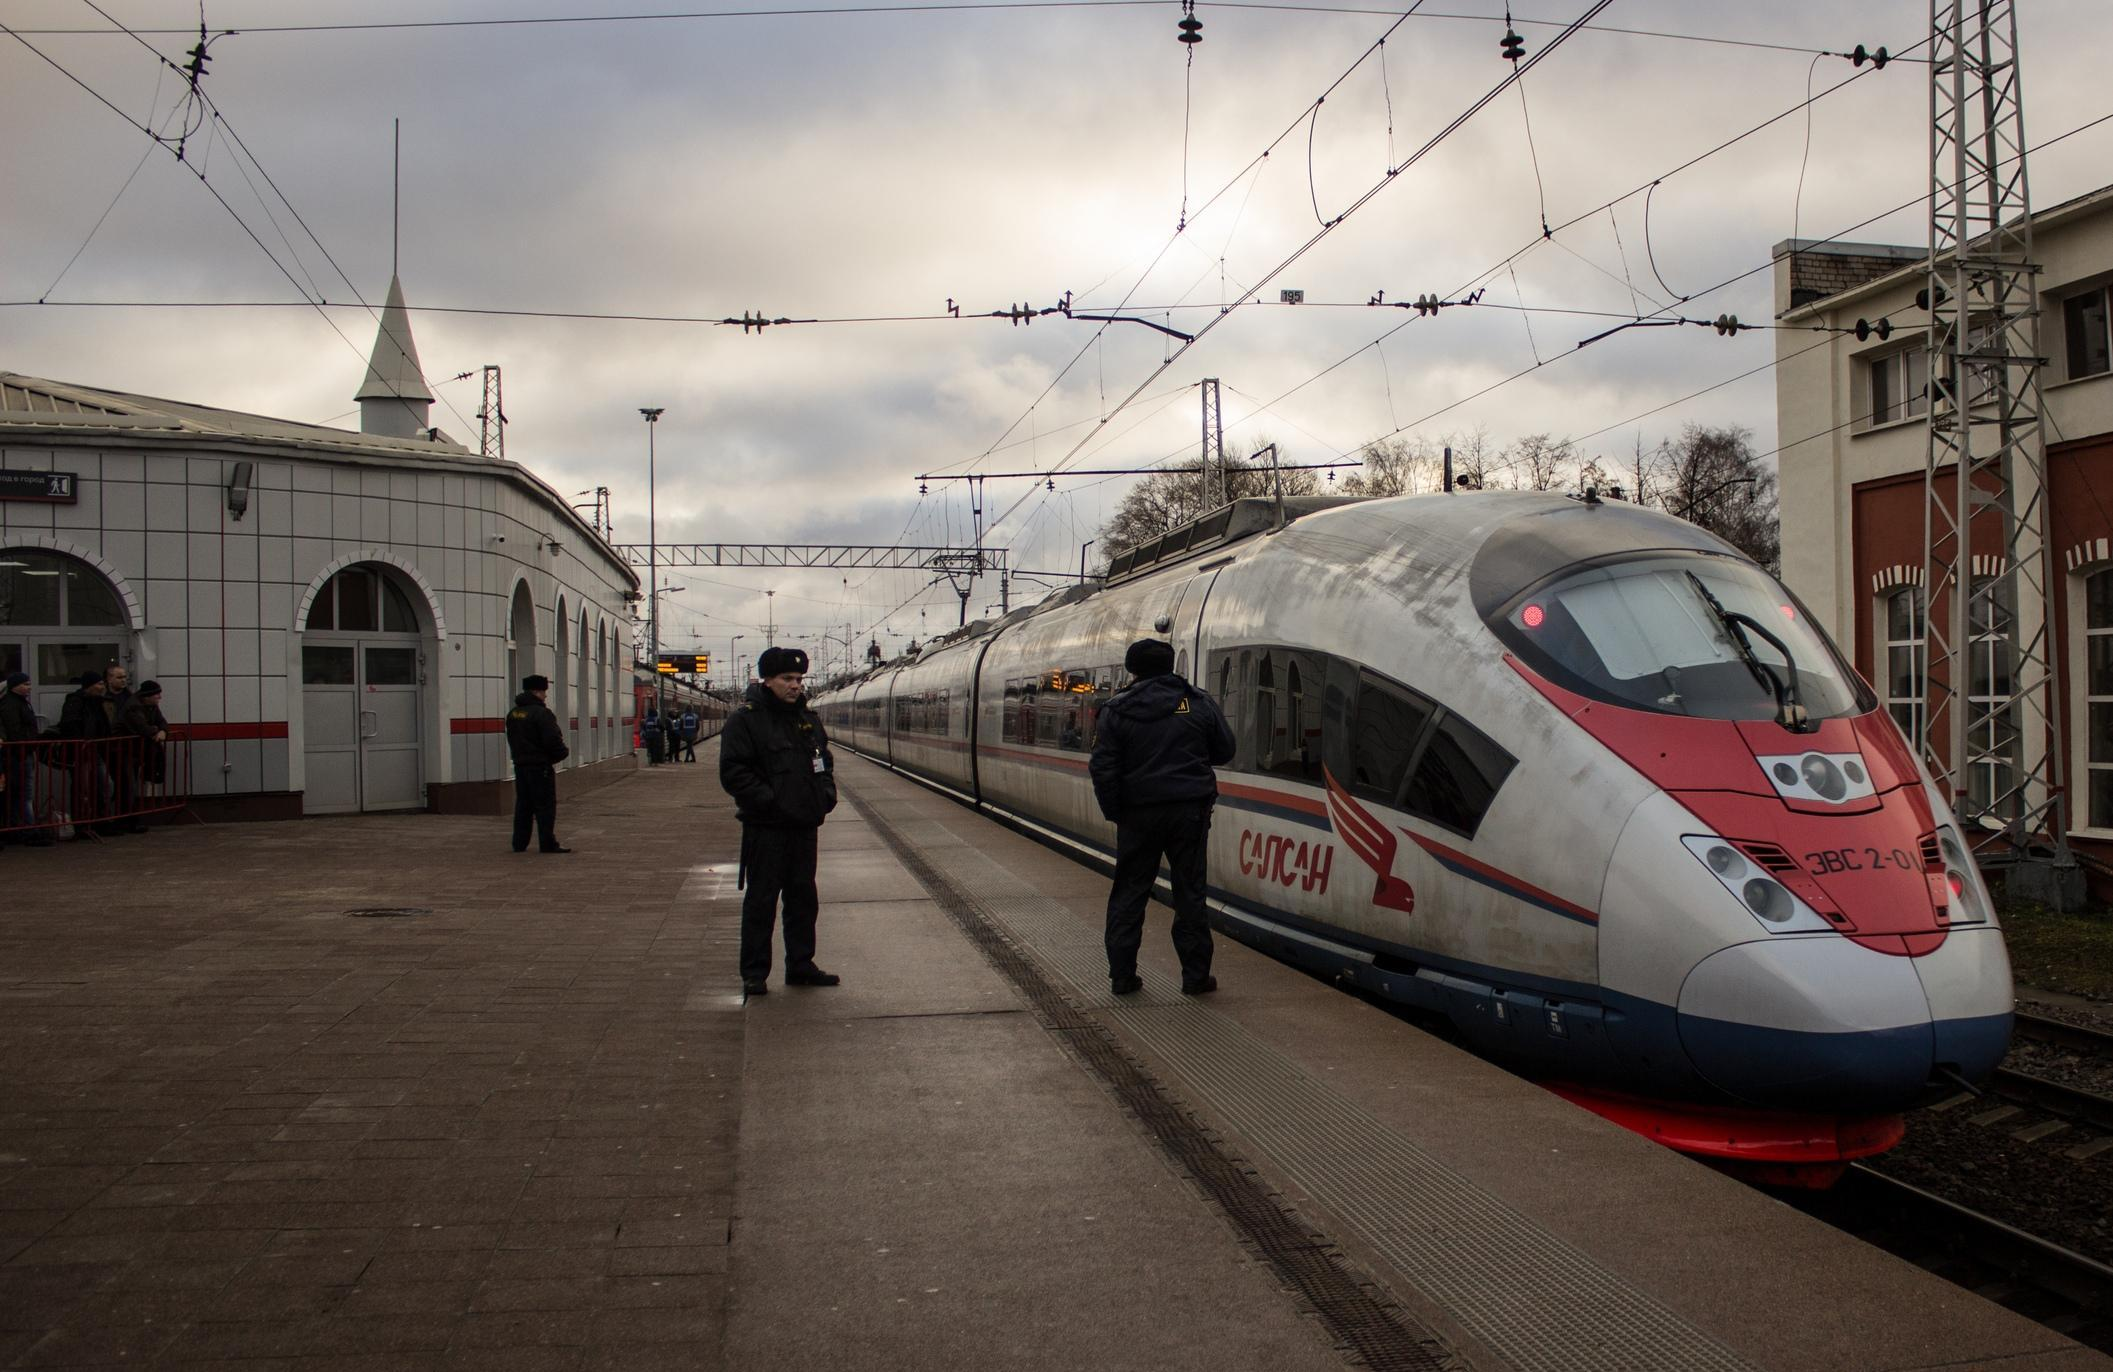 В Твери вынесли приговор убийце, который инсценировал несчастный случай на железной дороге  - новости Афанасий